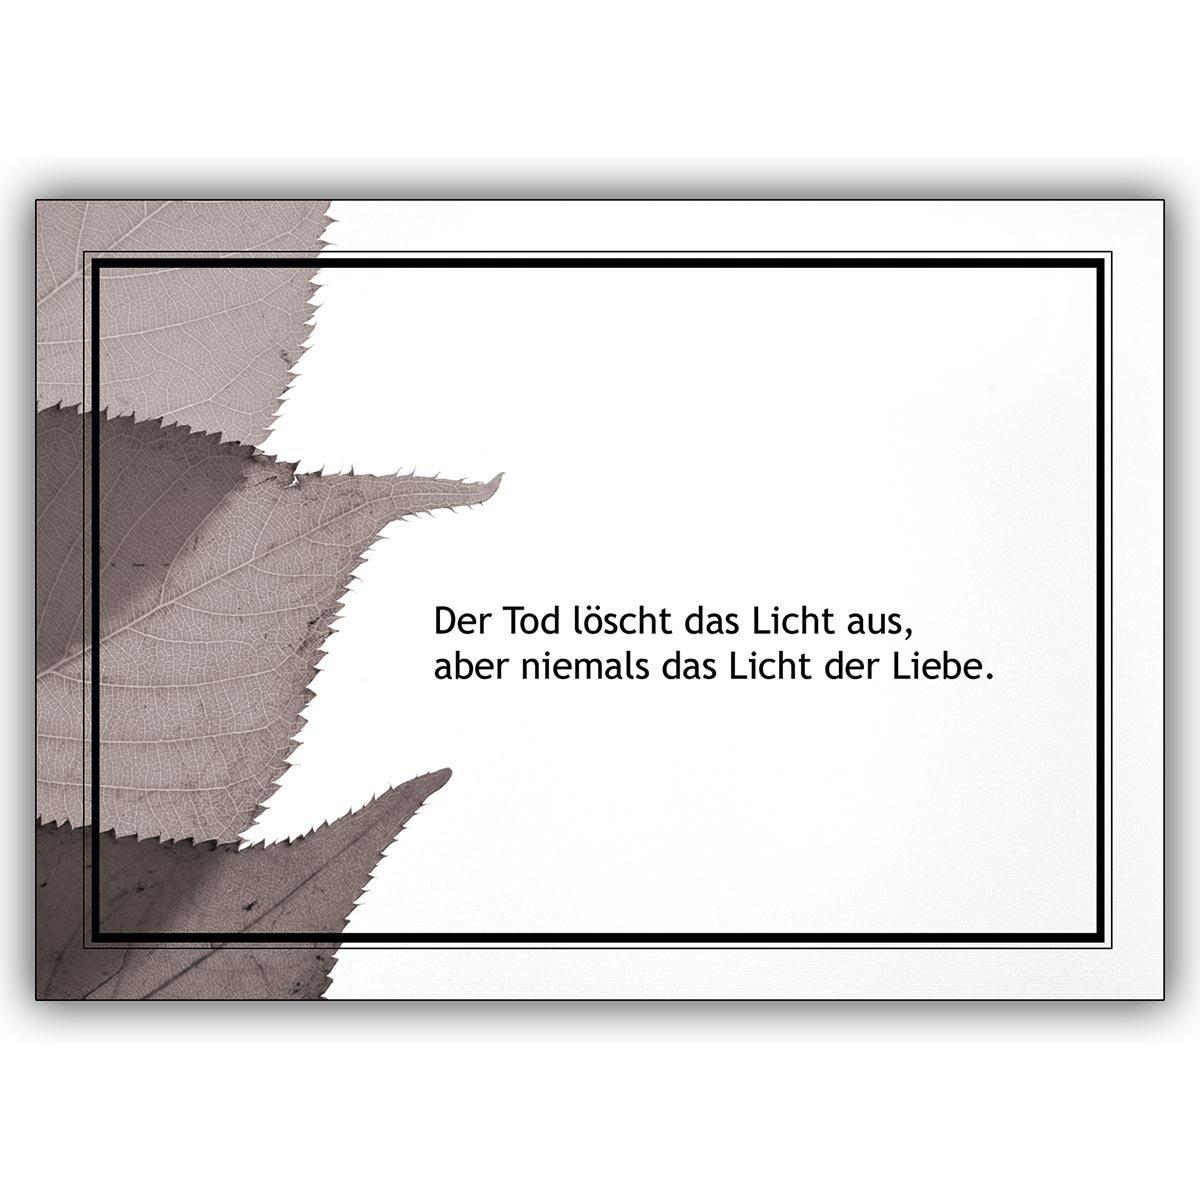 Direkte Fertigung 12 Traueranzeigen  Blätter Blätter Blätter innen ihr Text. Motiv   Der Tod löscht das Licht aus, aber niemals das Licht der Liebe..  den traditionell gestalteten Text drucken wir innen - nur Schrift auswählen zzgl 12 Papier Einleger wei&s 340d39